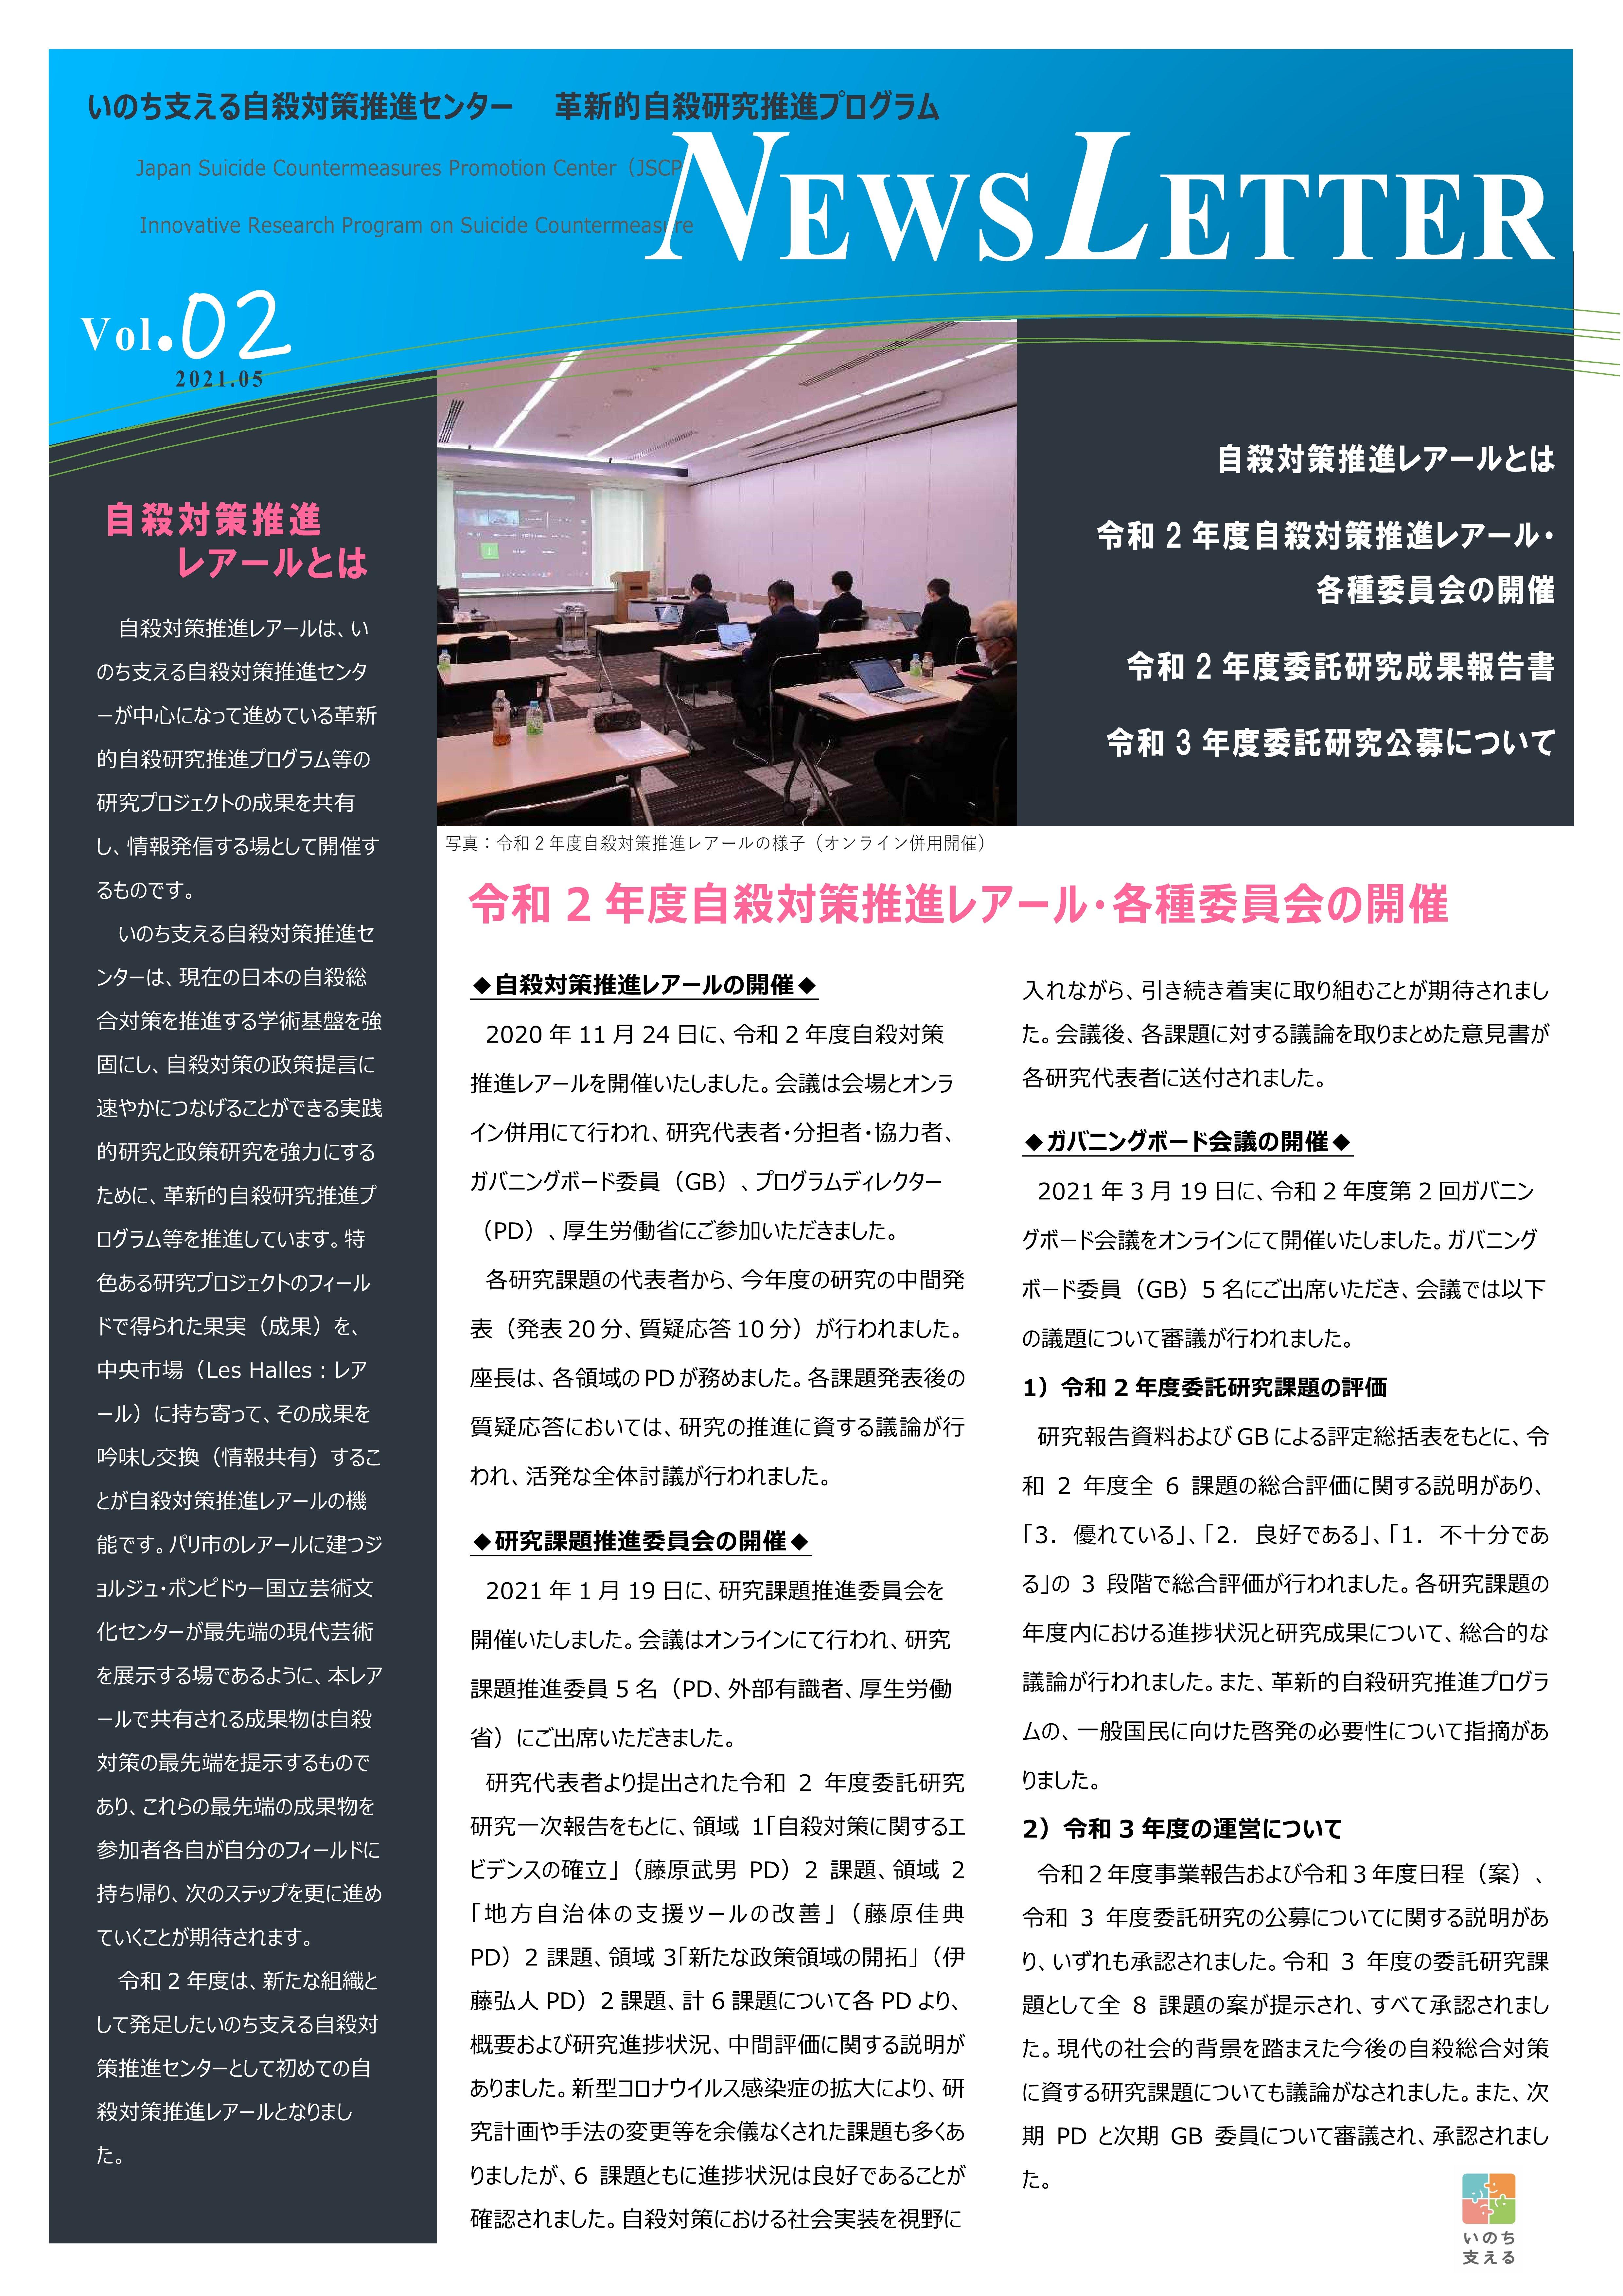 NewsLetter_vol.2_1.jpg